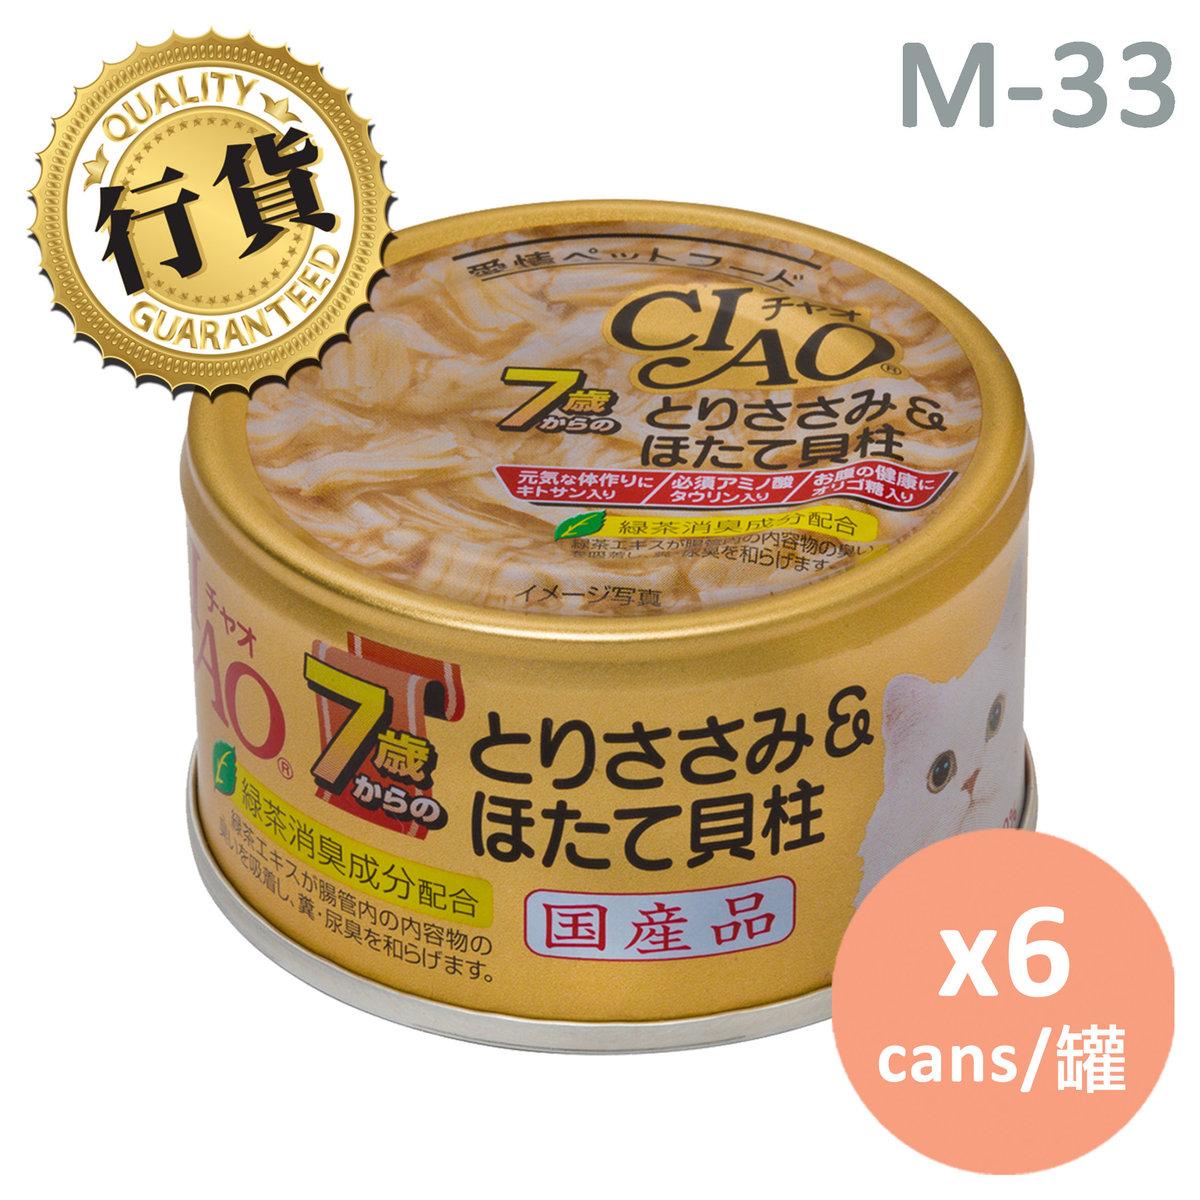 (行貨)M-33 7歲貓-雞肉+帶子